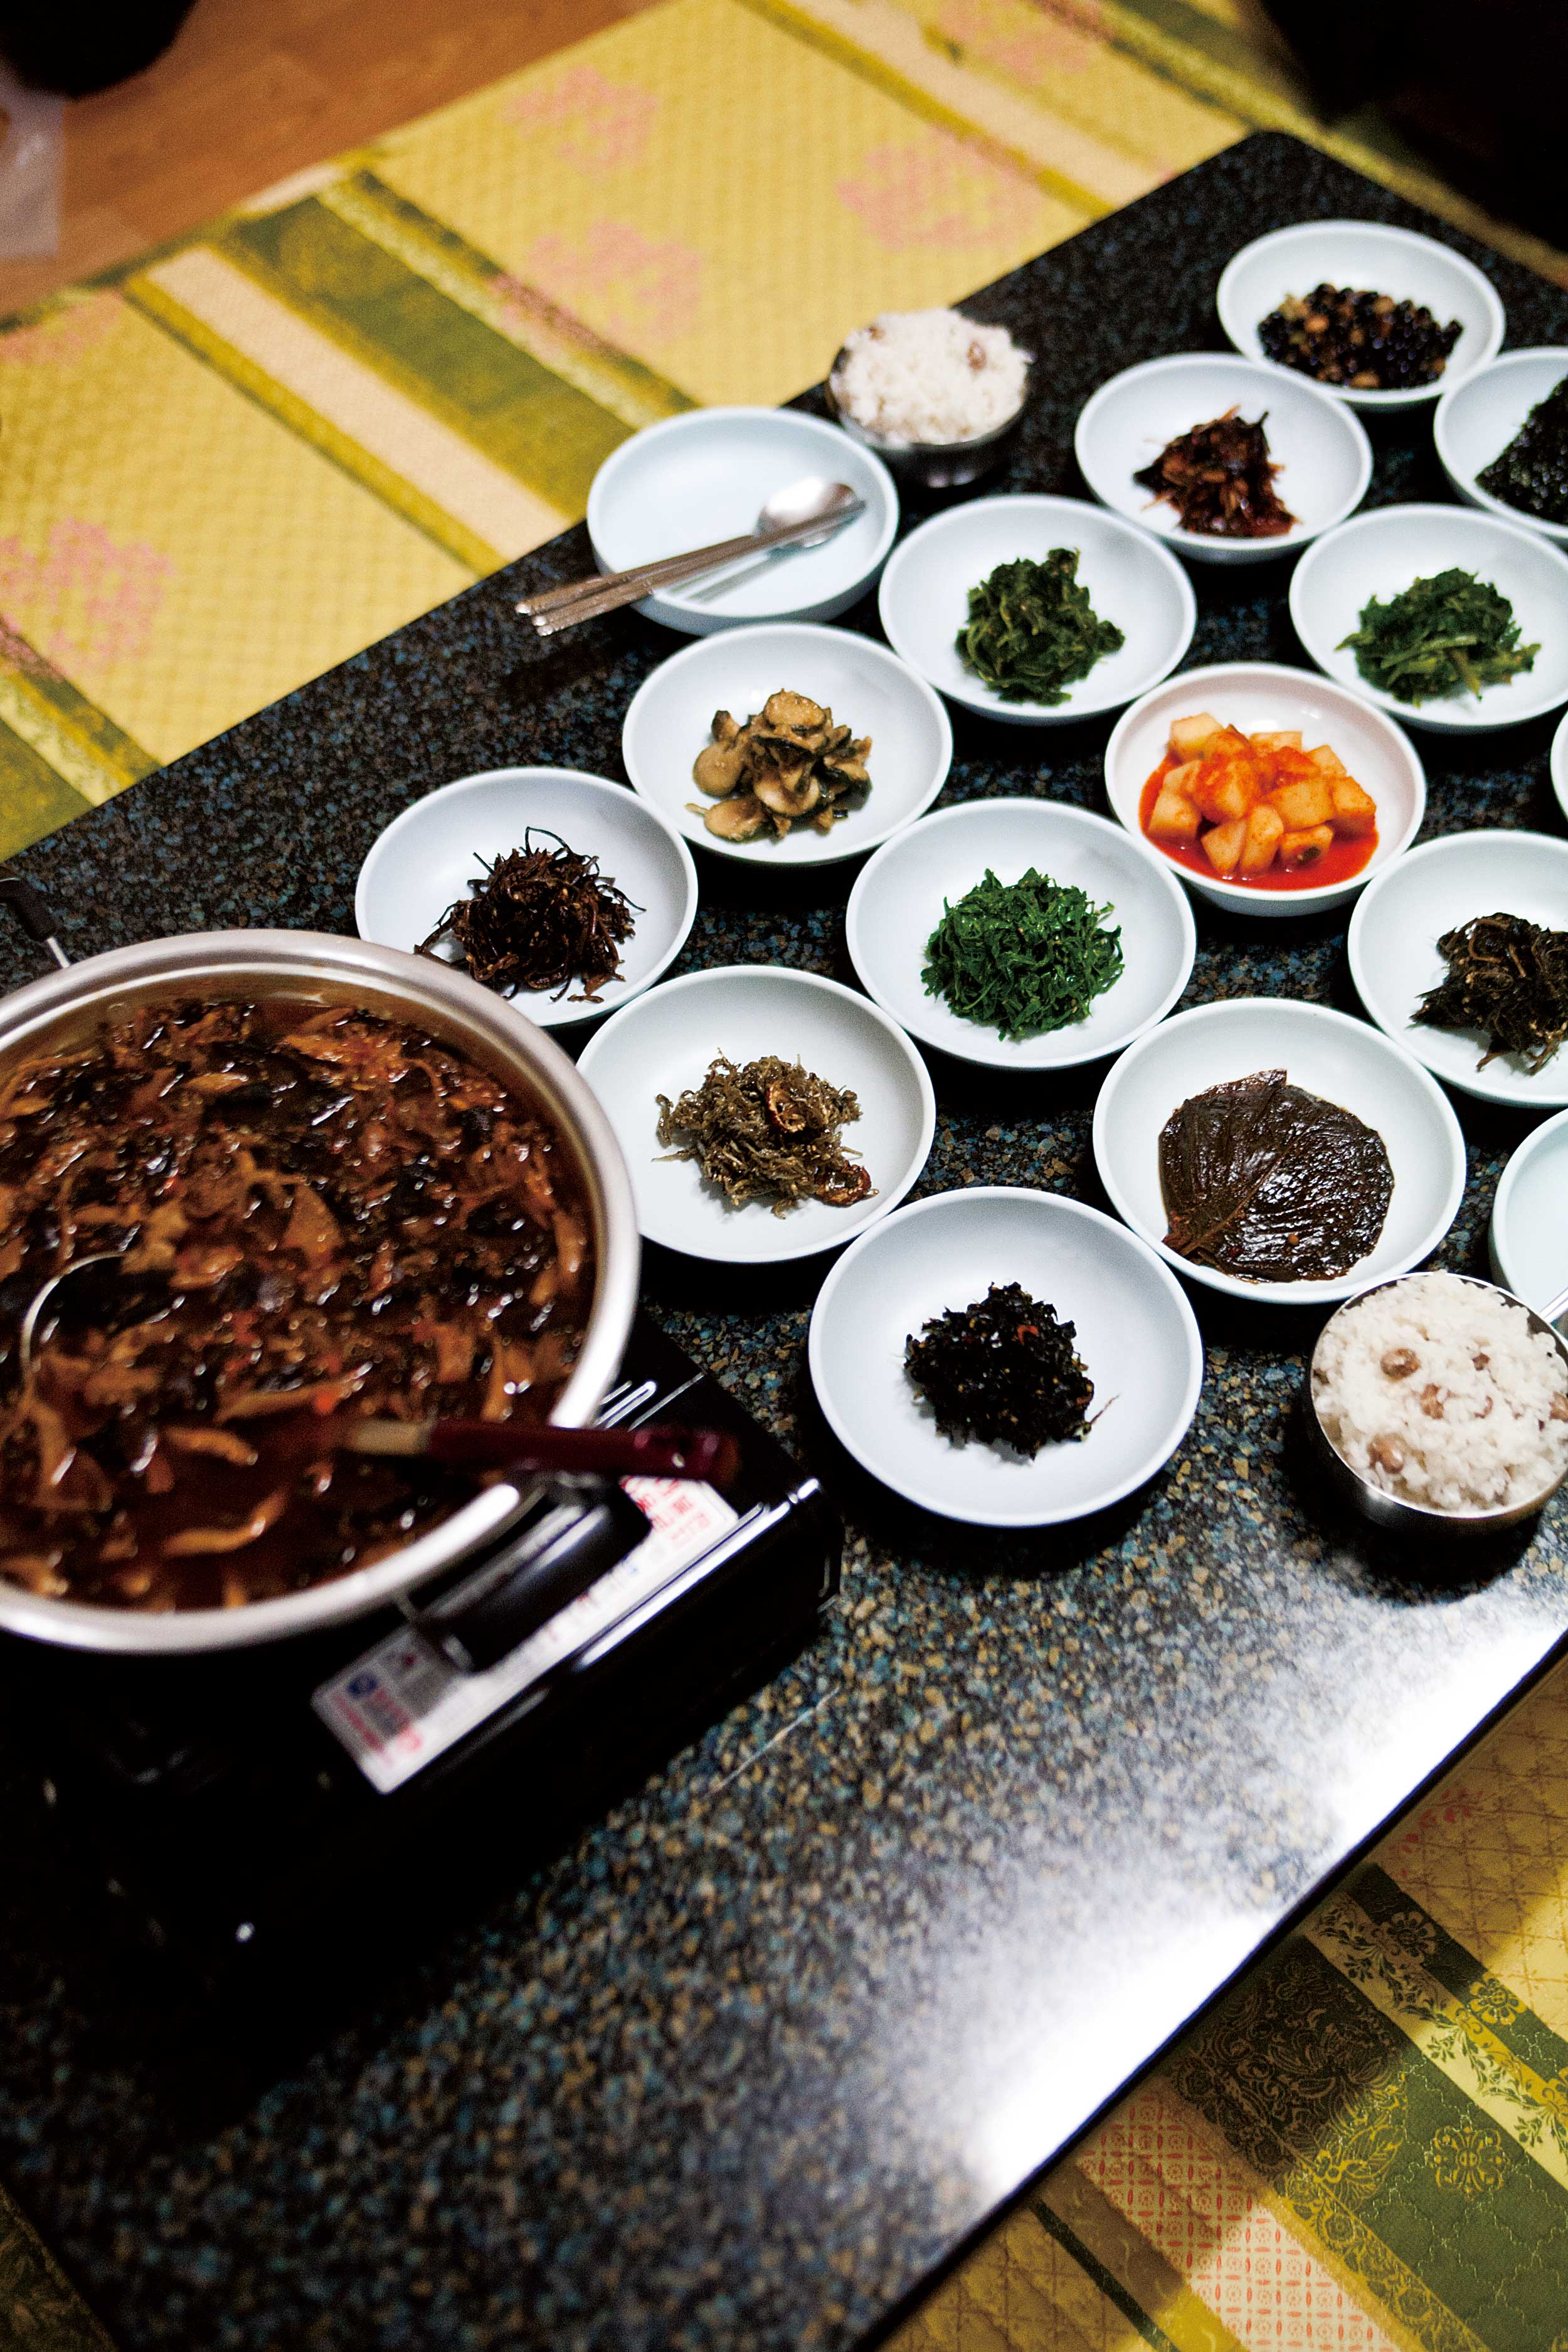 오정식당의 자연산 버섯찌개, 나물과 반찬들 © 현관욱